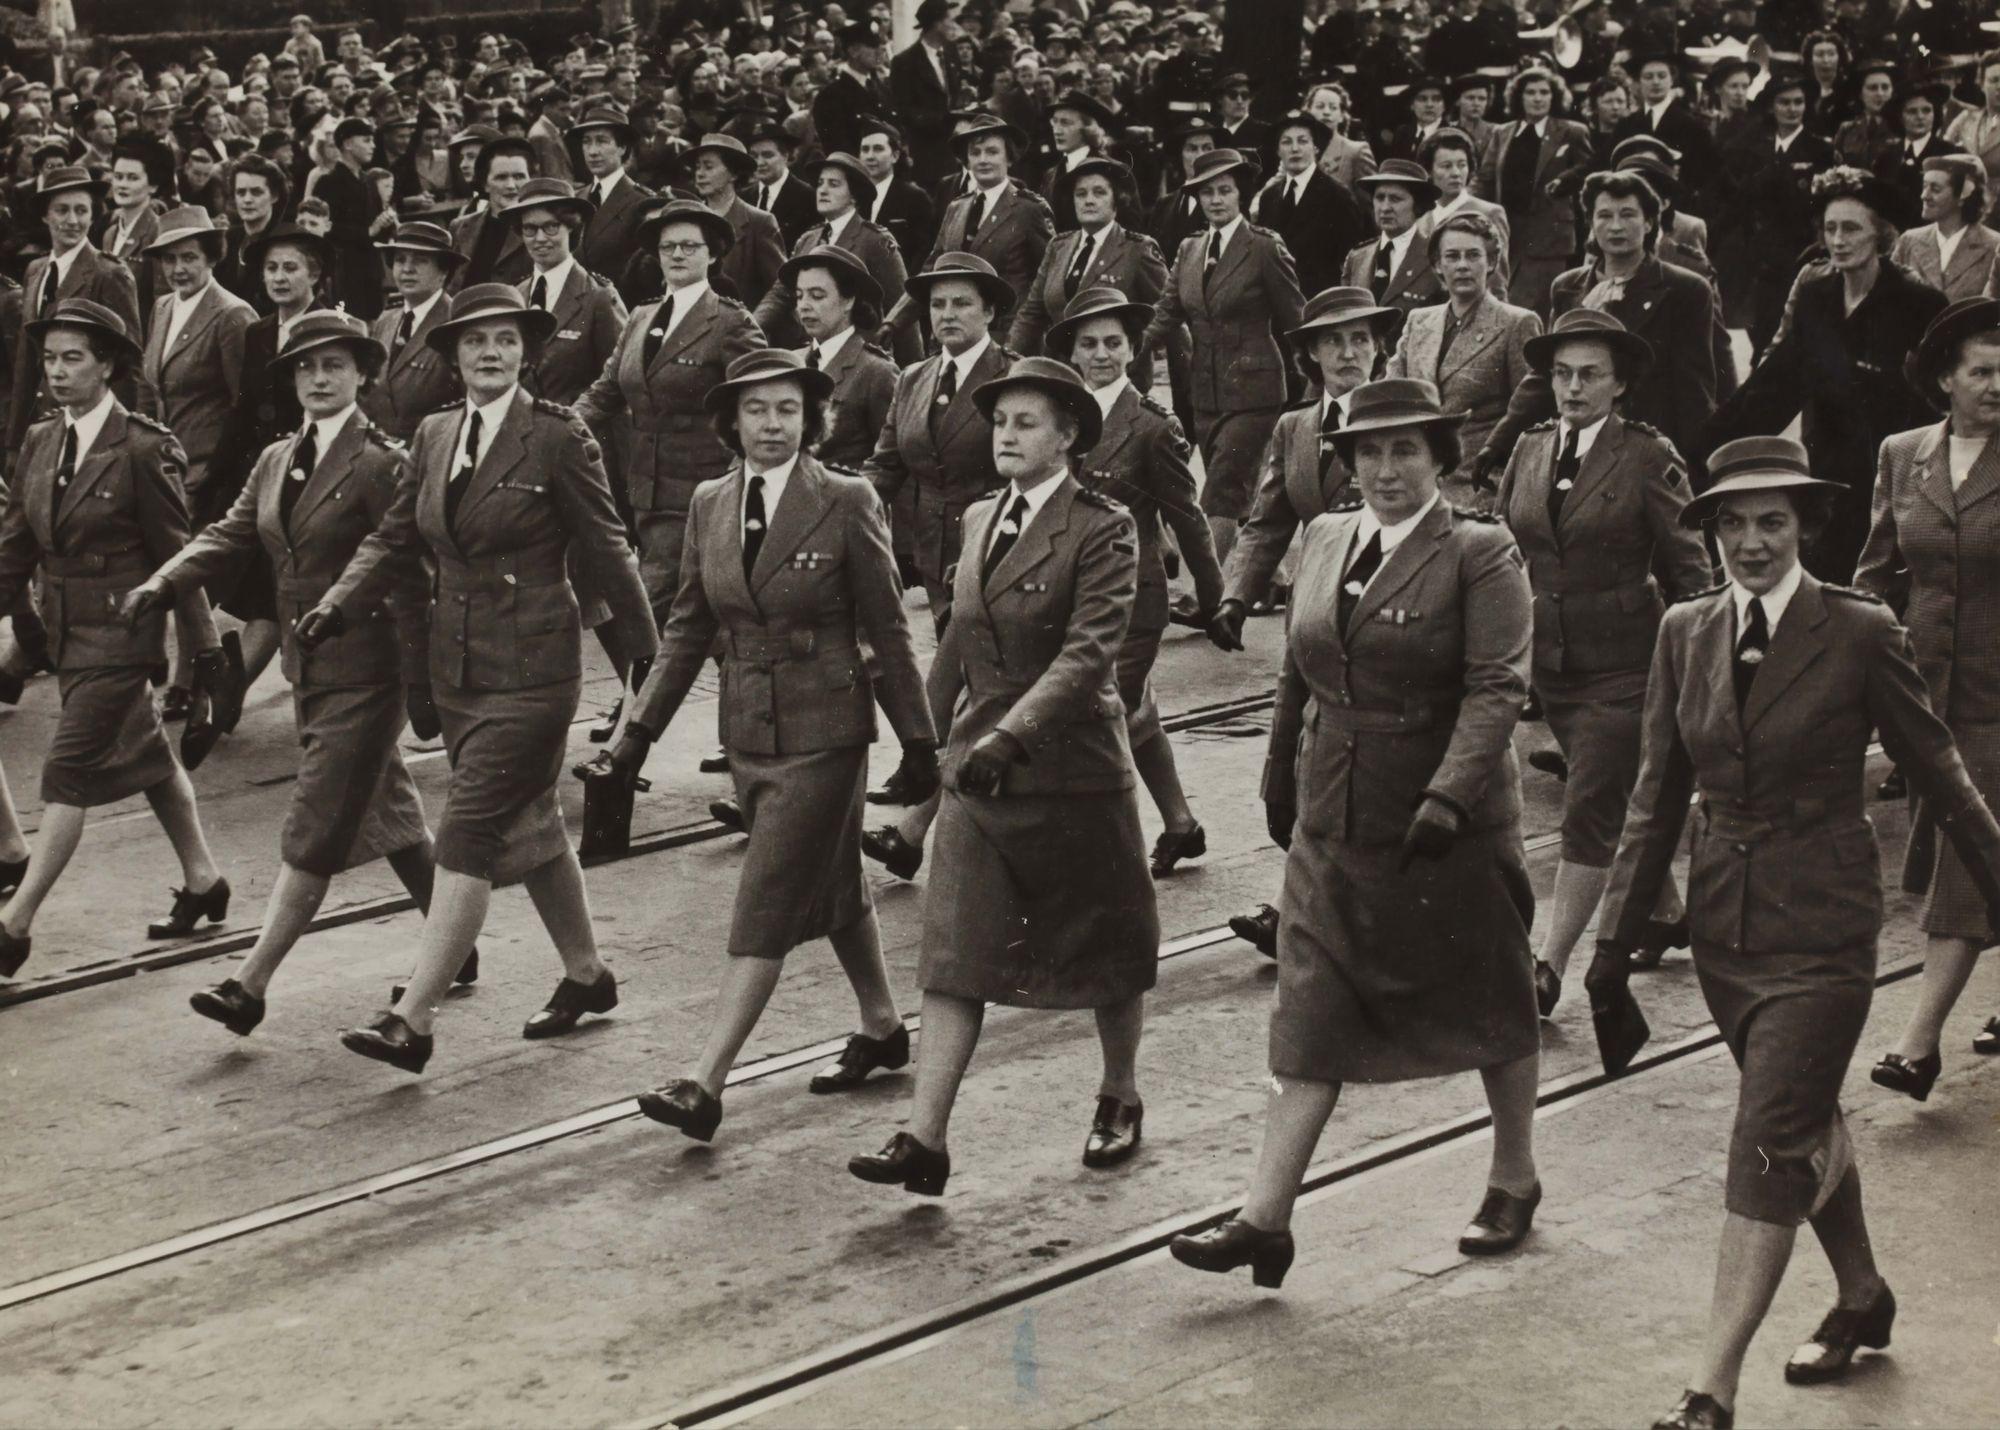 Propaganda filled a lot in war photography during world war 2